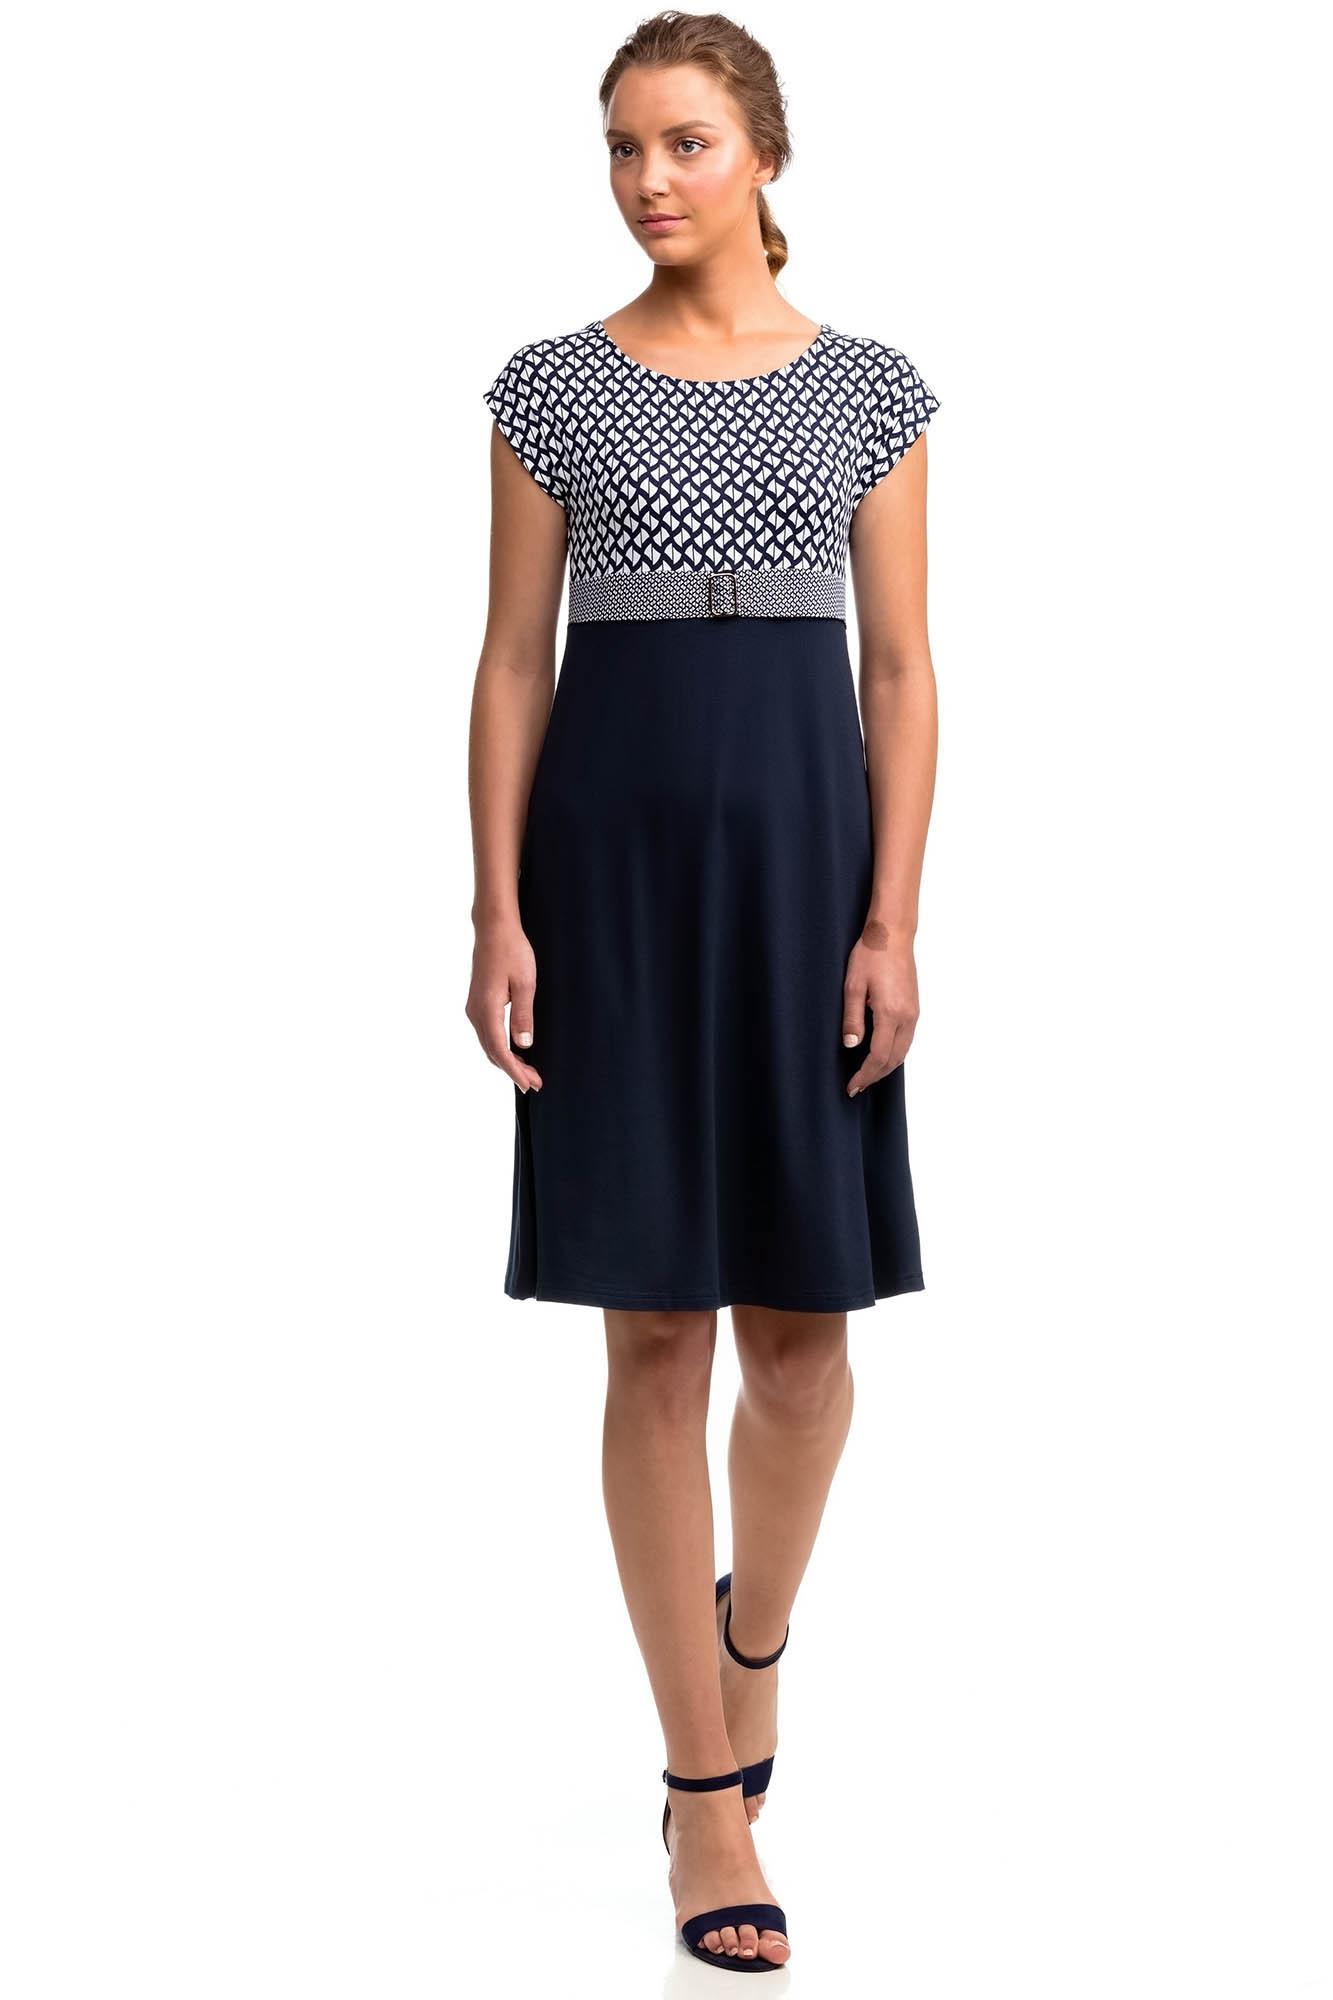 Vamp - Elegantní vzorované dámské šaty 14452 - Vamp blue xxl